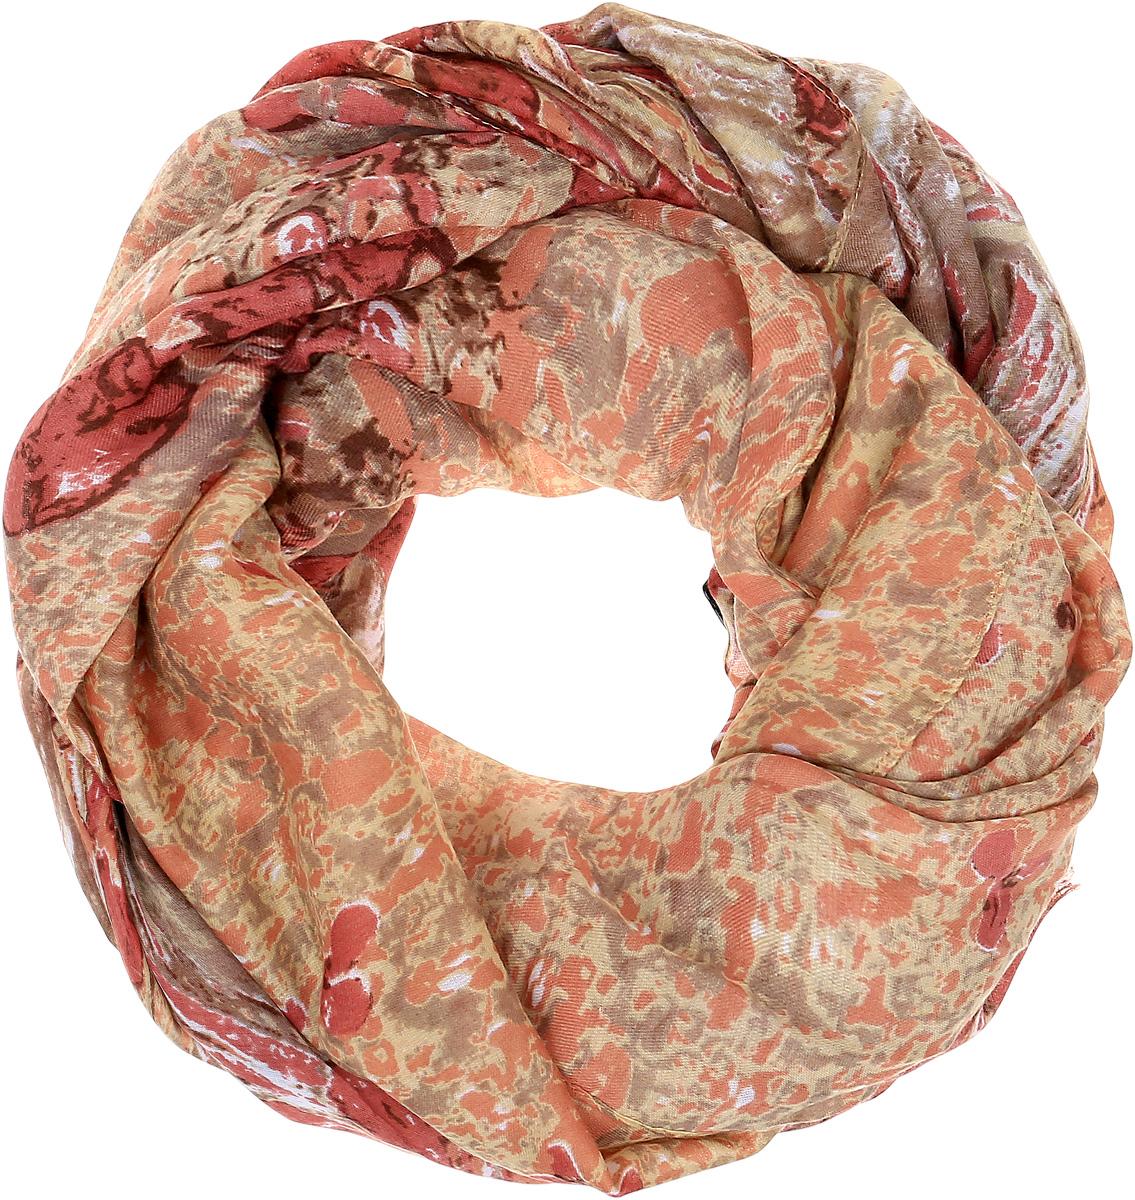 Палантин Sophie Ramage, цвет: каштановый, бежевый. HL-21670-17. Размер 90 см х 180 смHL-21670-17Элегантный палантин Sophie Ramage станет достойным завершением вашего образа. Палантин изготовлен из высококачественного модала с добавлением шерсти. Оформлена модель стильным цветочным принтом. Палантин красиво драпируется, он превосходно дополнит любой наряд и подчеркнет ваш изысканный вкус. Легкий и изящный палантин привнесет в ваш образ утонченность и шарм.